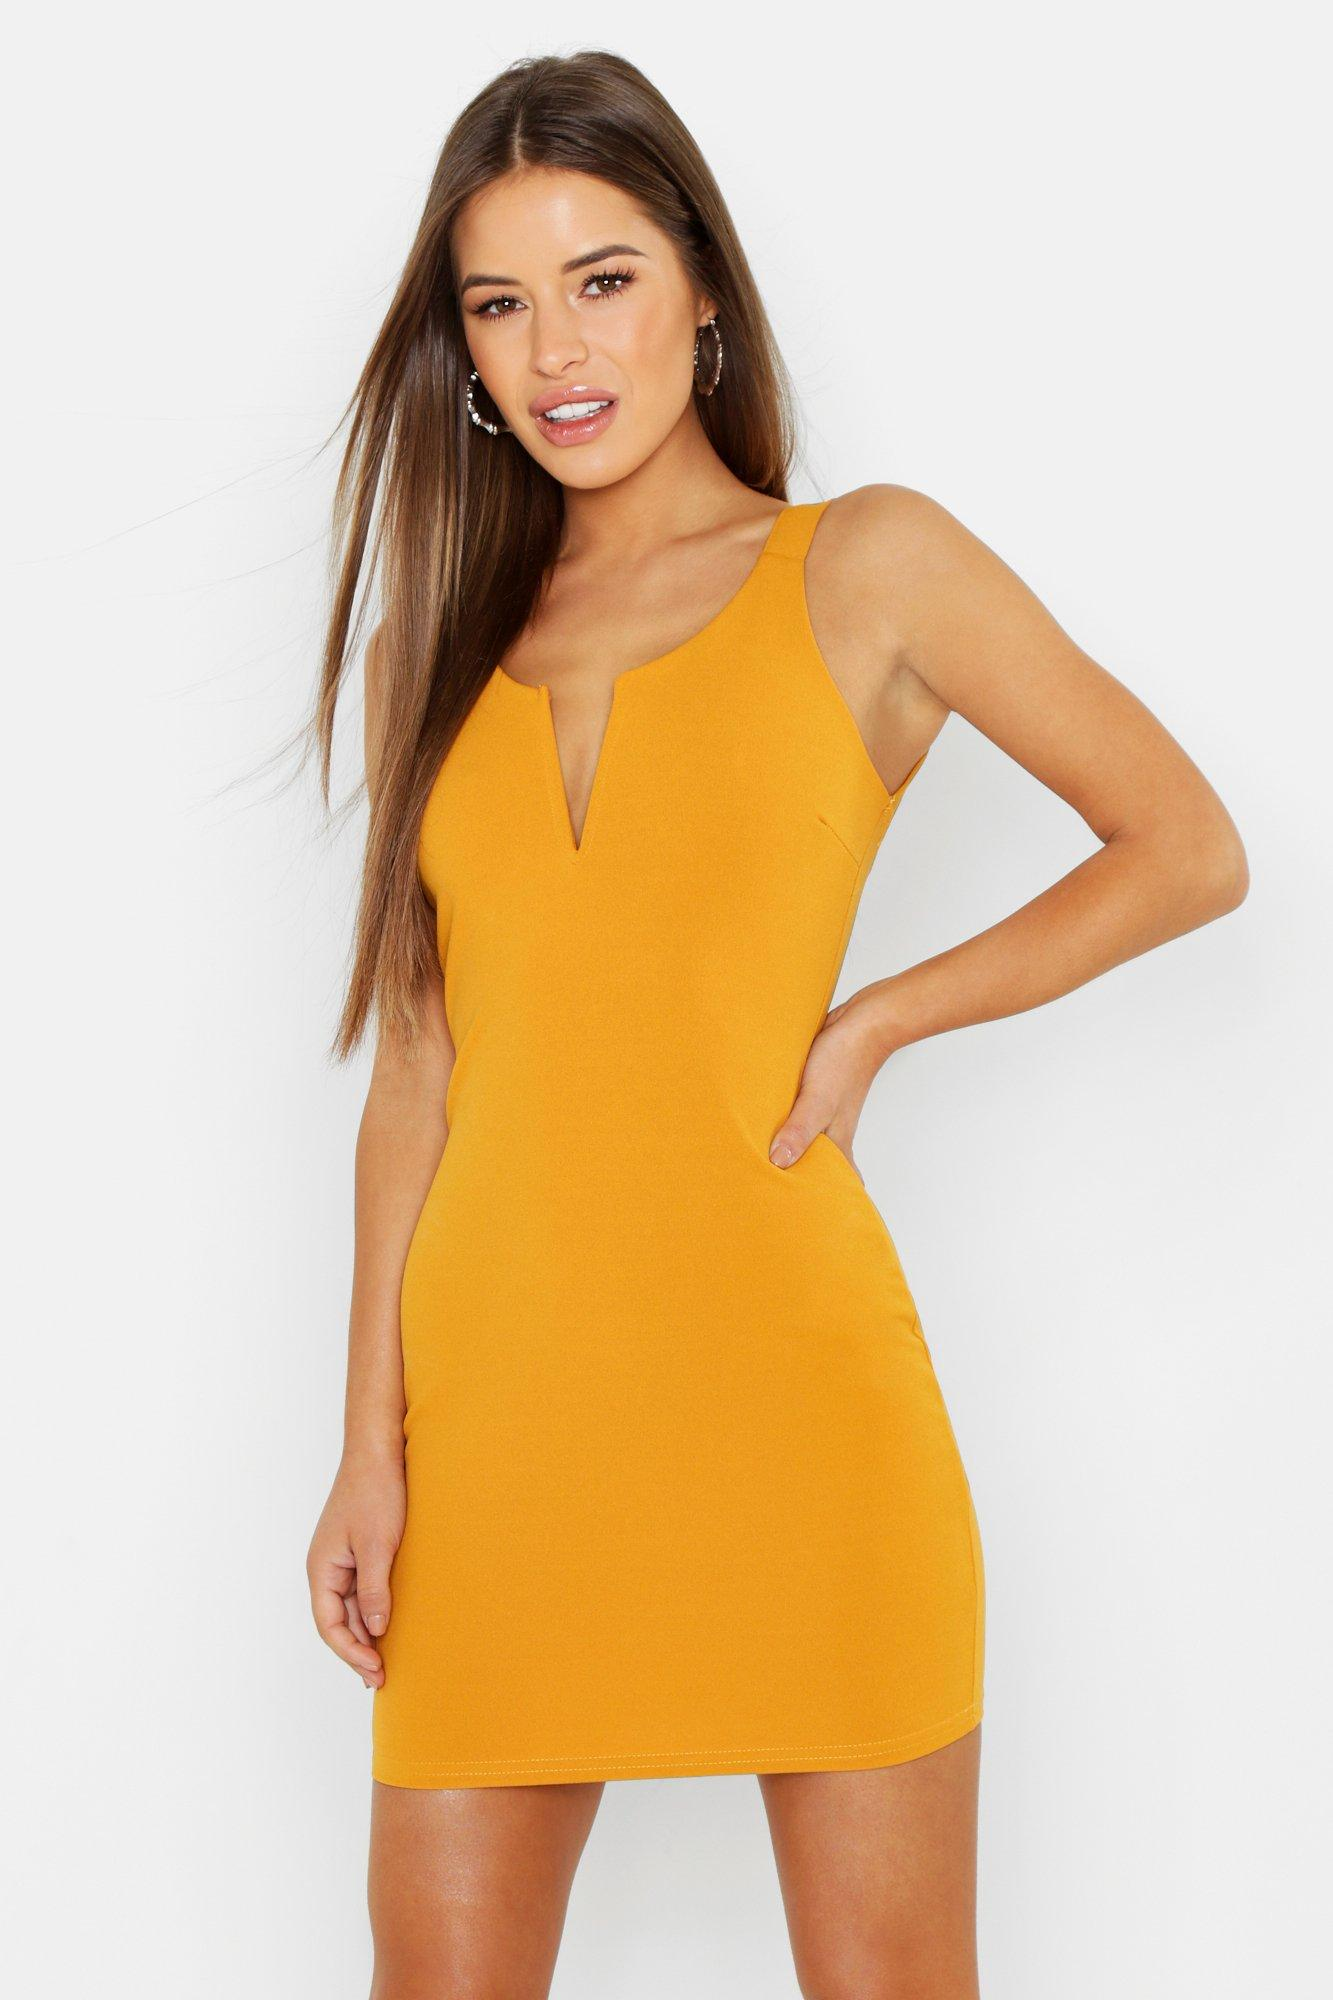 Купить Dresses, Из коллекции <Petite> - Сарафан с перекрещенной спиной и V-отделкой, boohoo